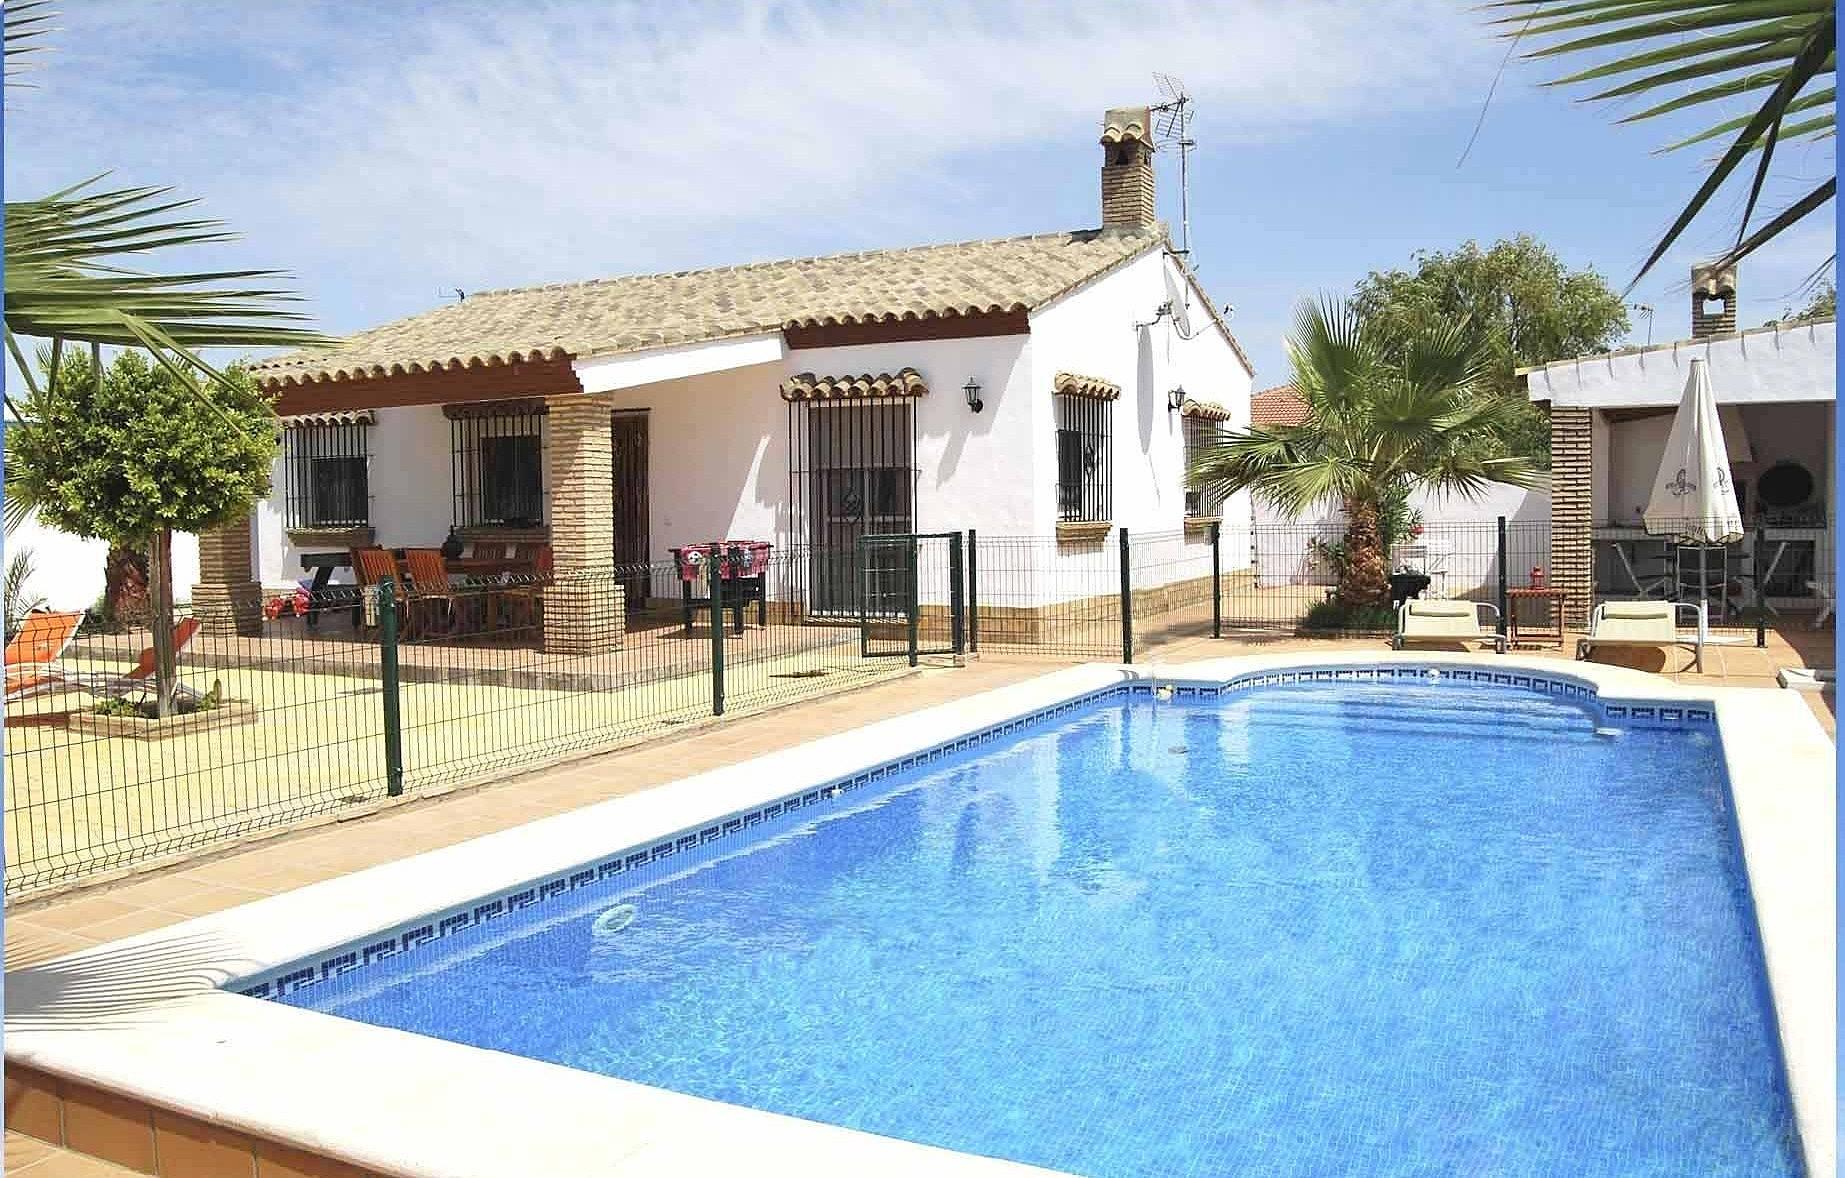 Casa de campo tipo chalet con piscina privada roche for Casa de campo con piscina privada